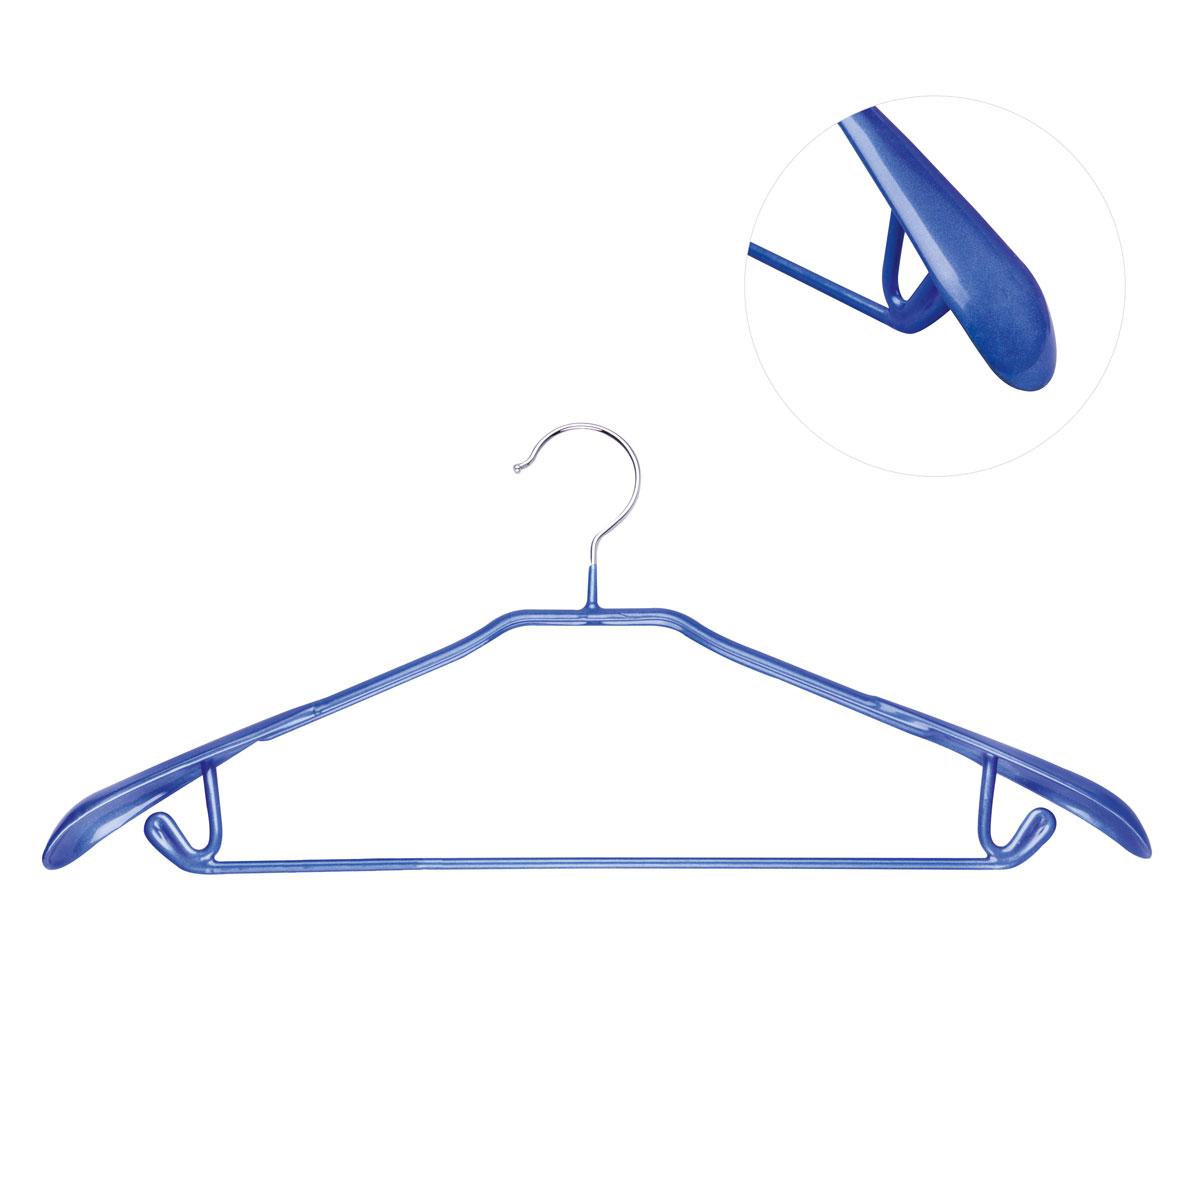 Вешалка для брюк Miolla, цвет: синий, длина 43 см2511046 TBВешалка для брюк Miolla выполнена из металла с покрытием синего цвета. Крючки вешалки прорезинены, что исключает случайное повреждение одежды. Вешалка Miolla станет практичным и полезным аксессуаром в вашем гардеробе. Длина: 43 см.